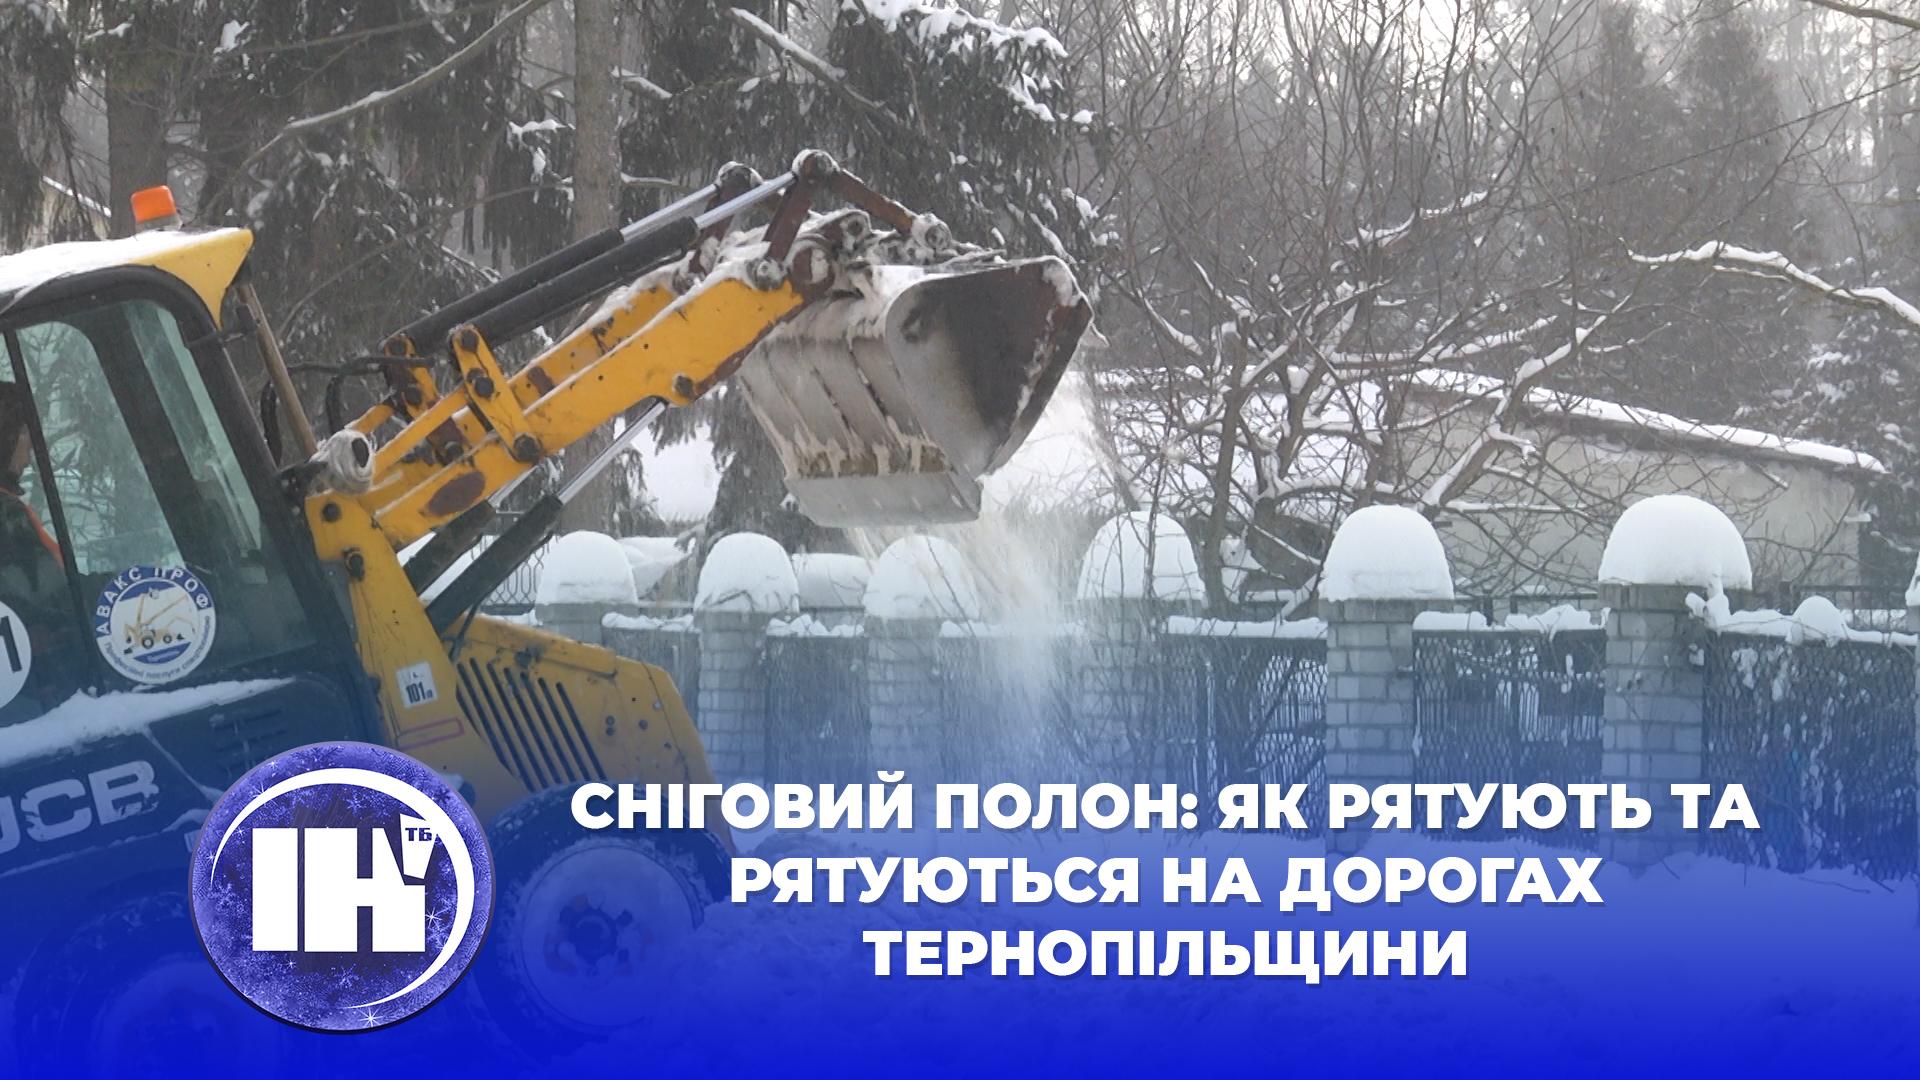 Сніговий полон: як рятують та рятуються на дорогах Тернопільщини